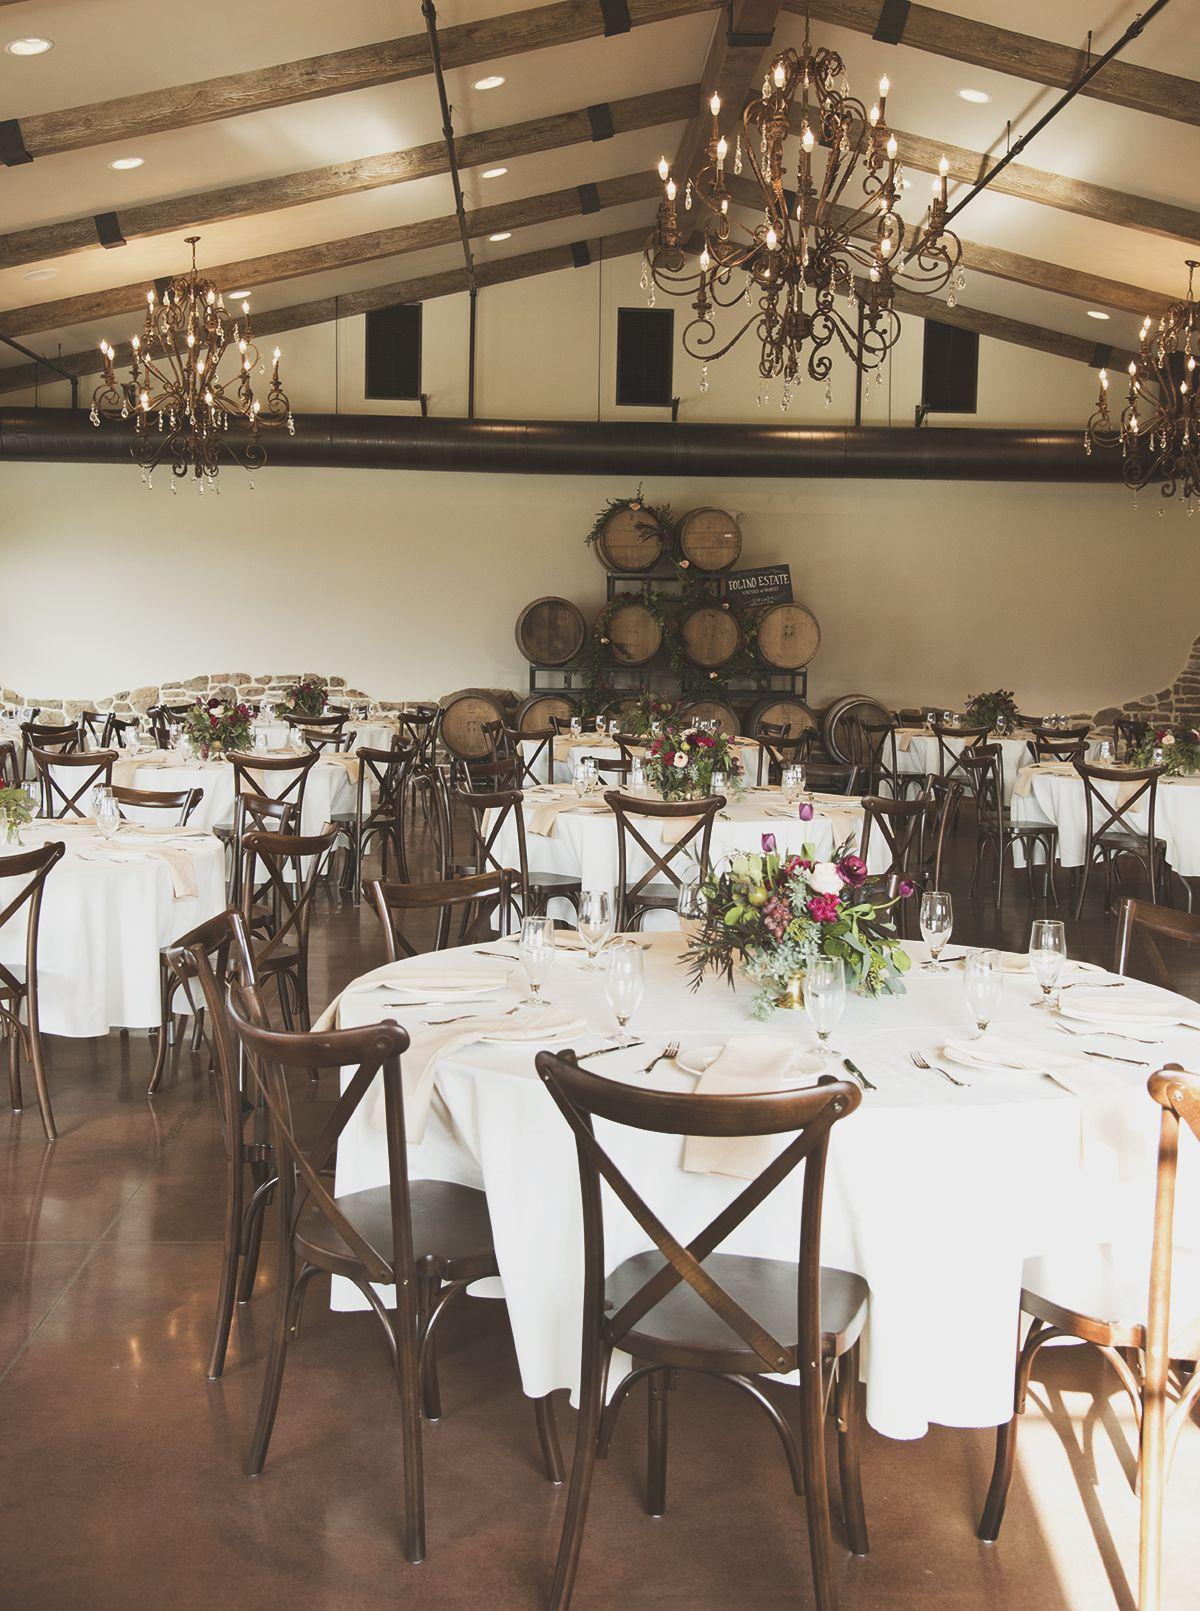 Winery Vineyard Wedding Venue. Rustic, elegant wedding